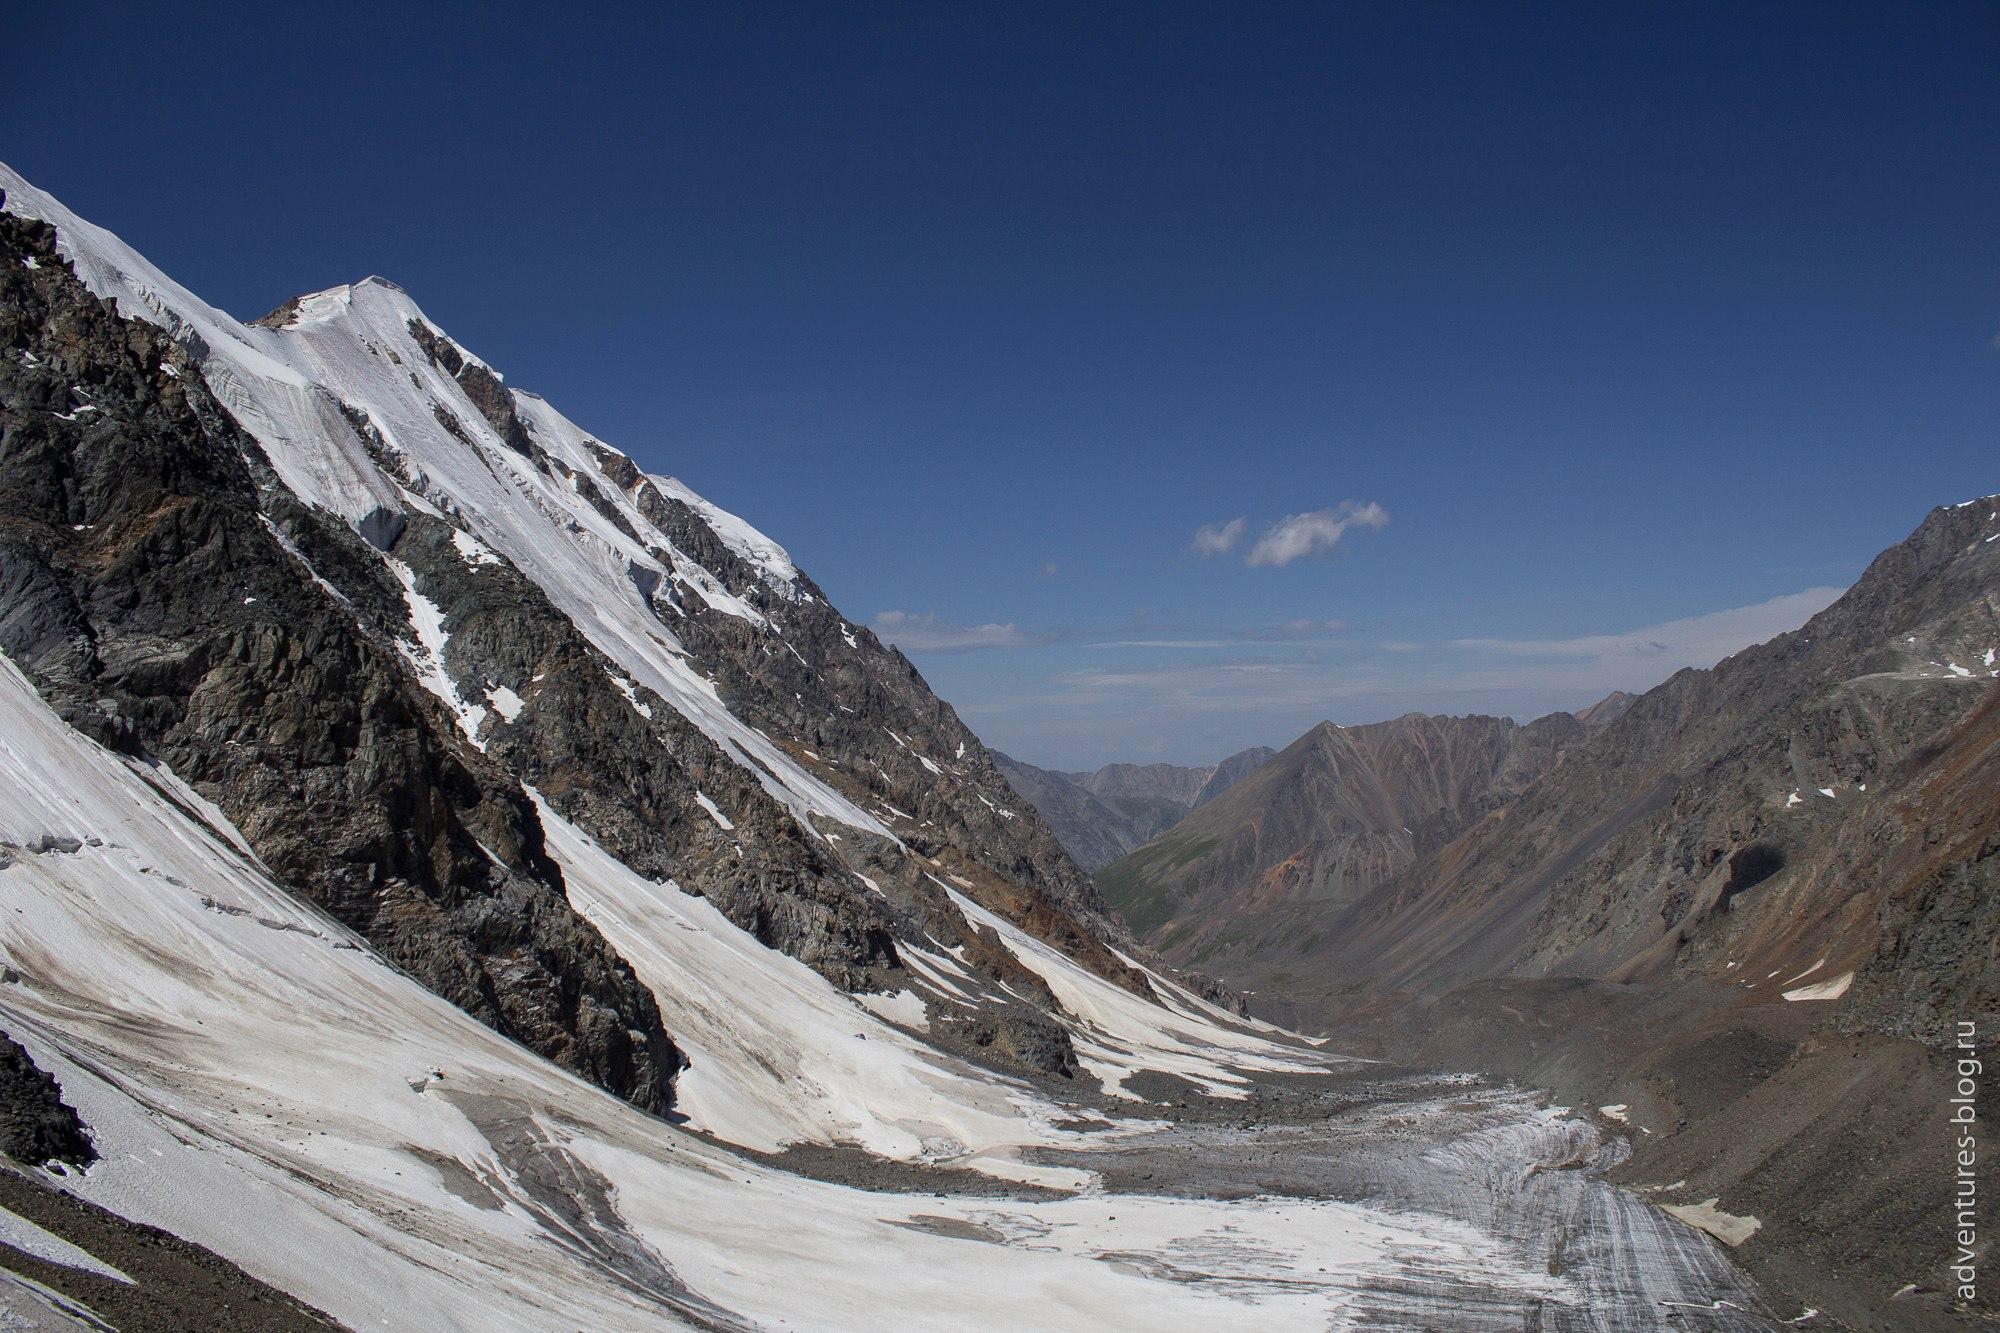 Вид с подъема в перевал на долину откуда мы пришли